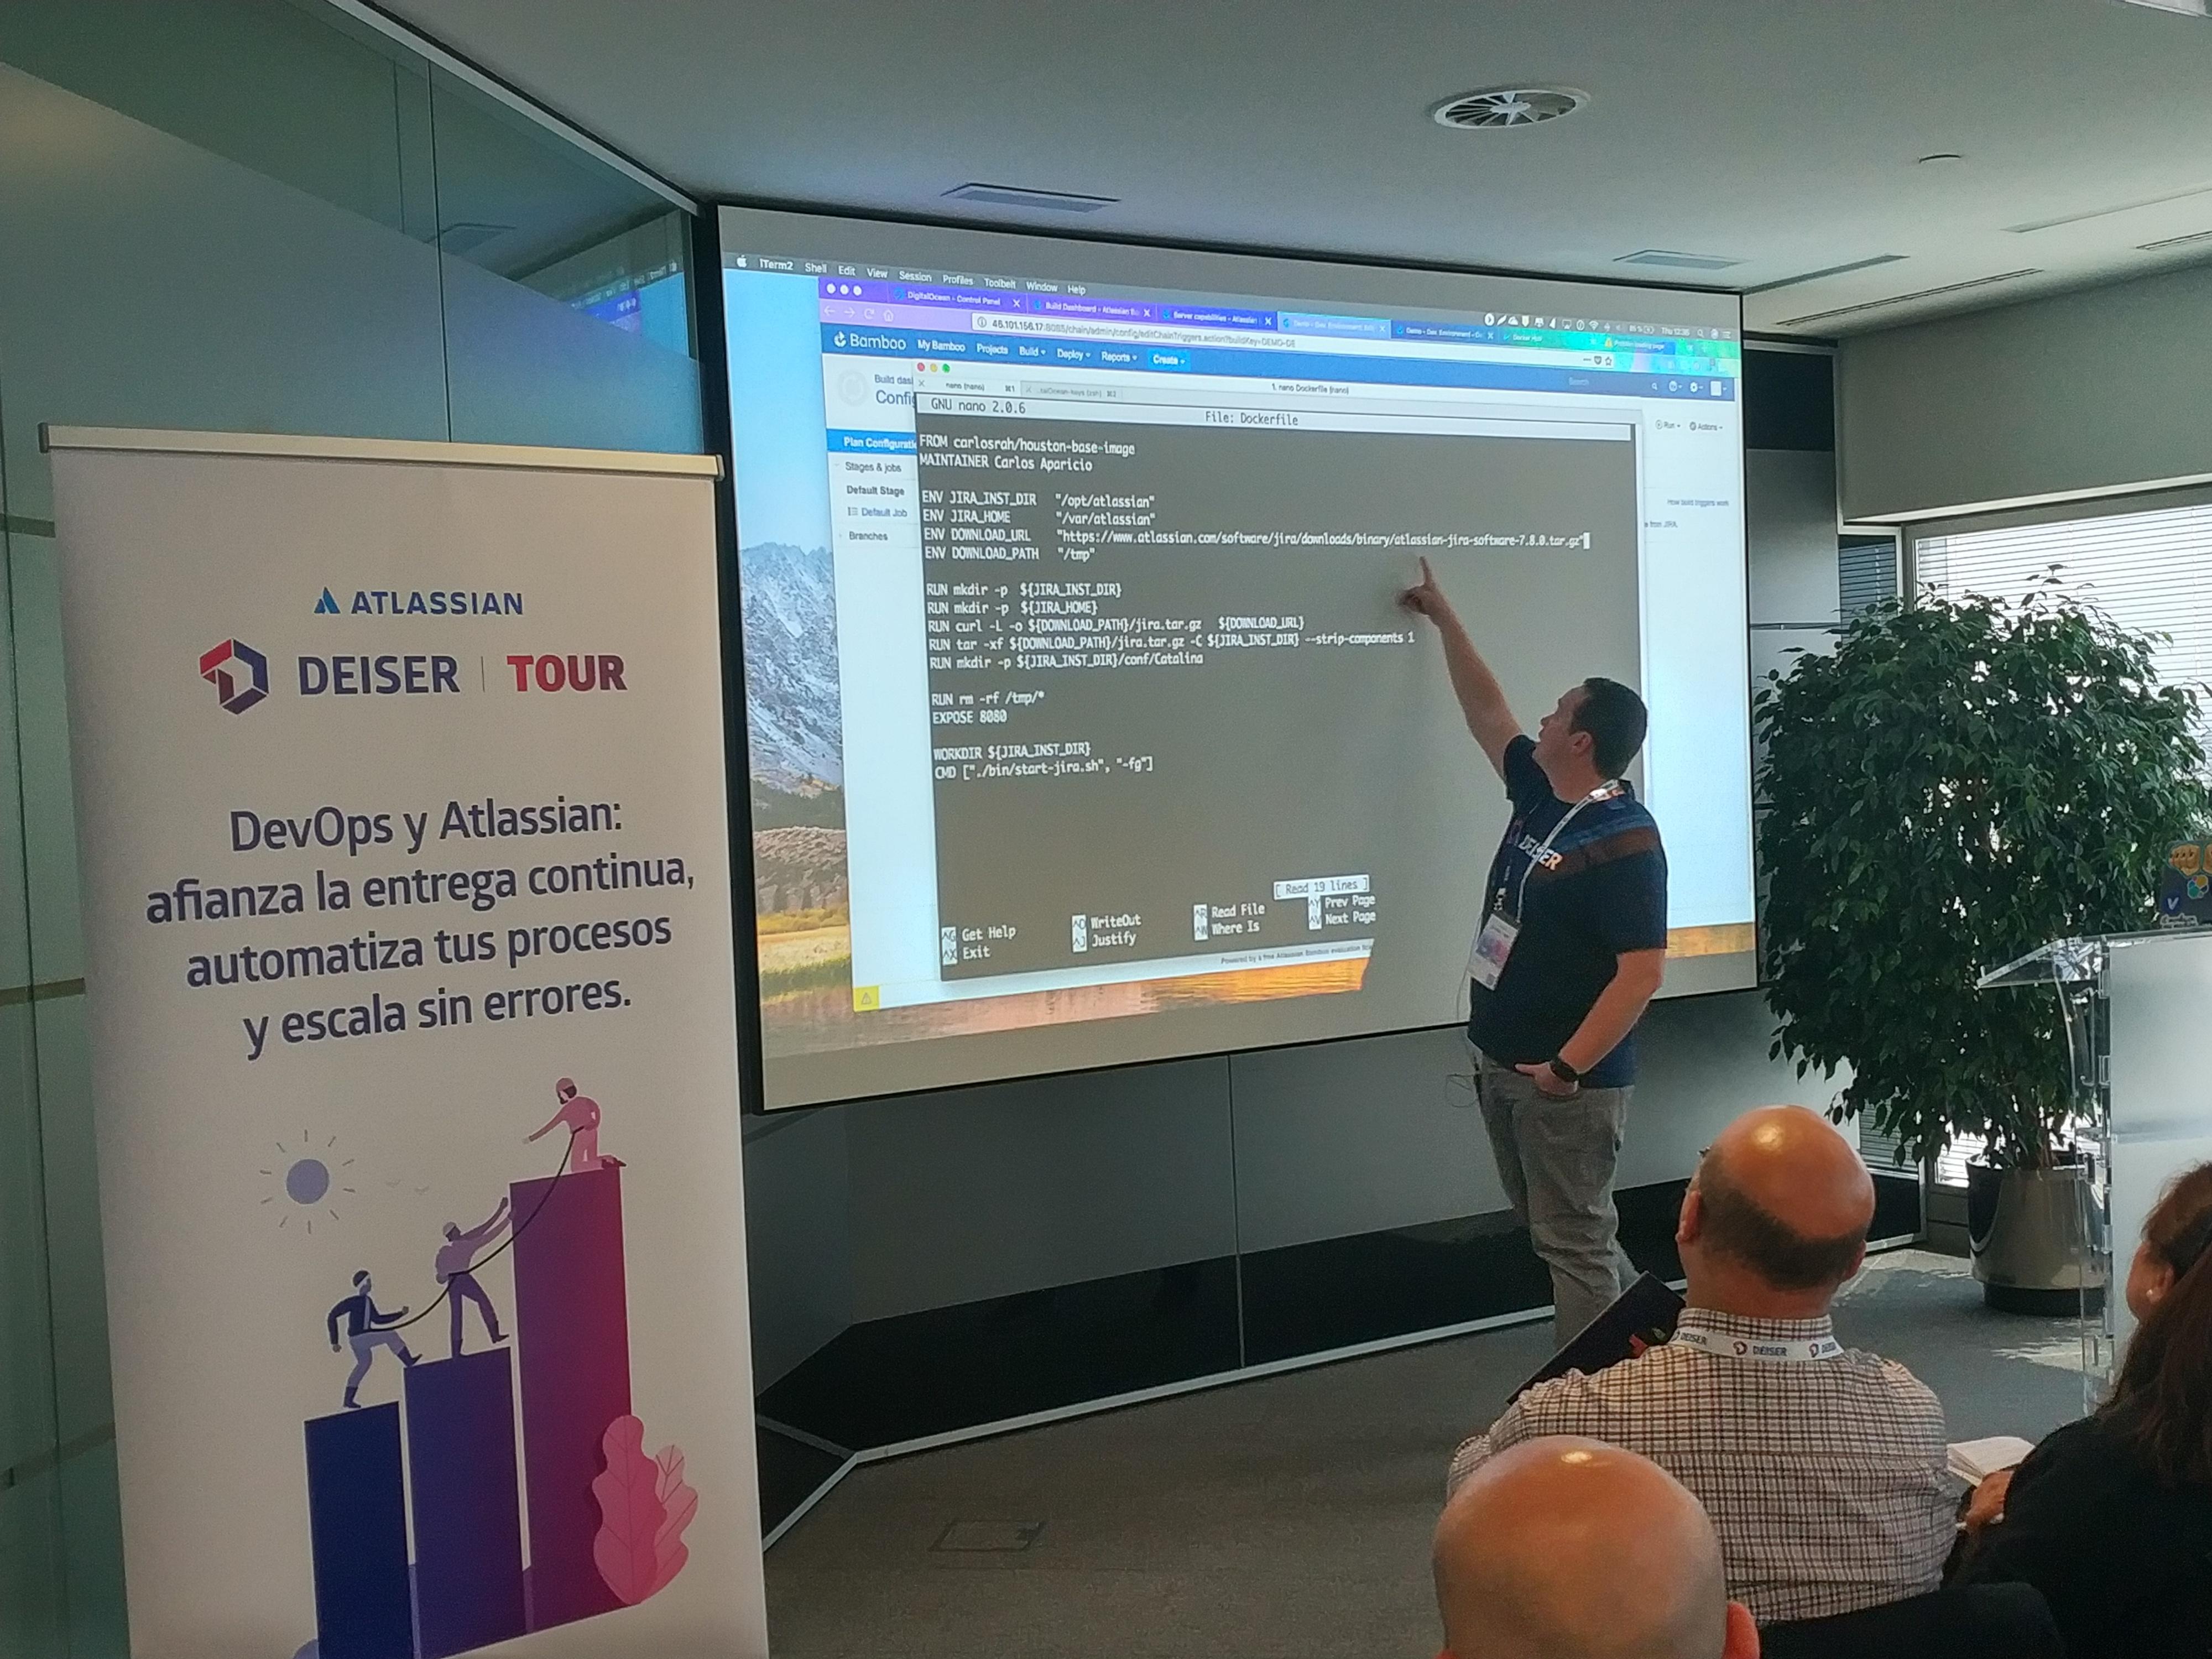 DevOps en códigos, desde la visión experta de Charlie experto certificado por Atlassian.